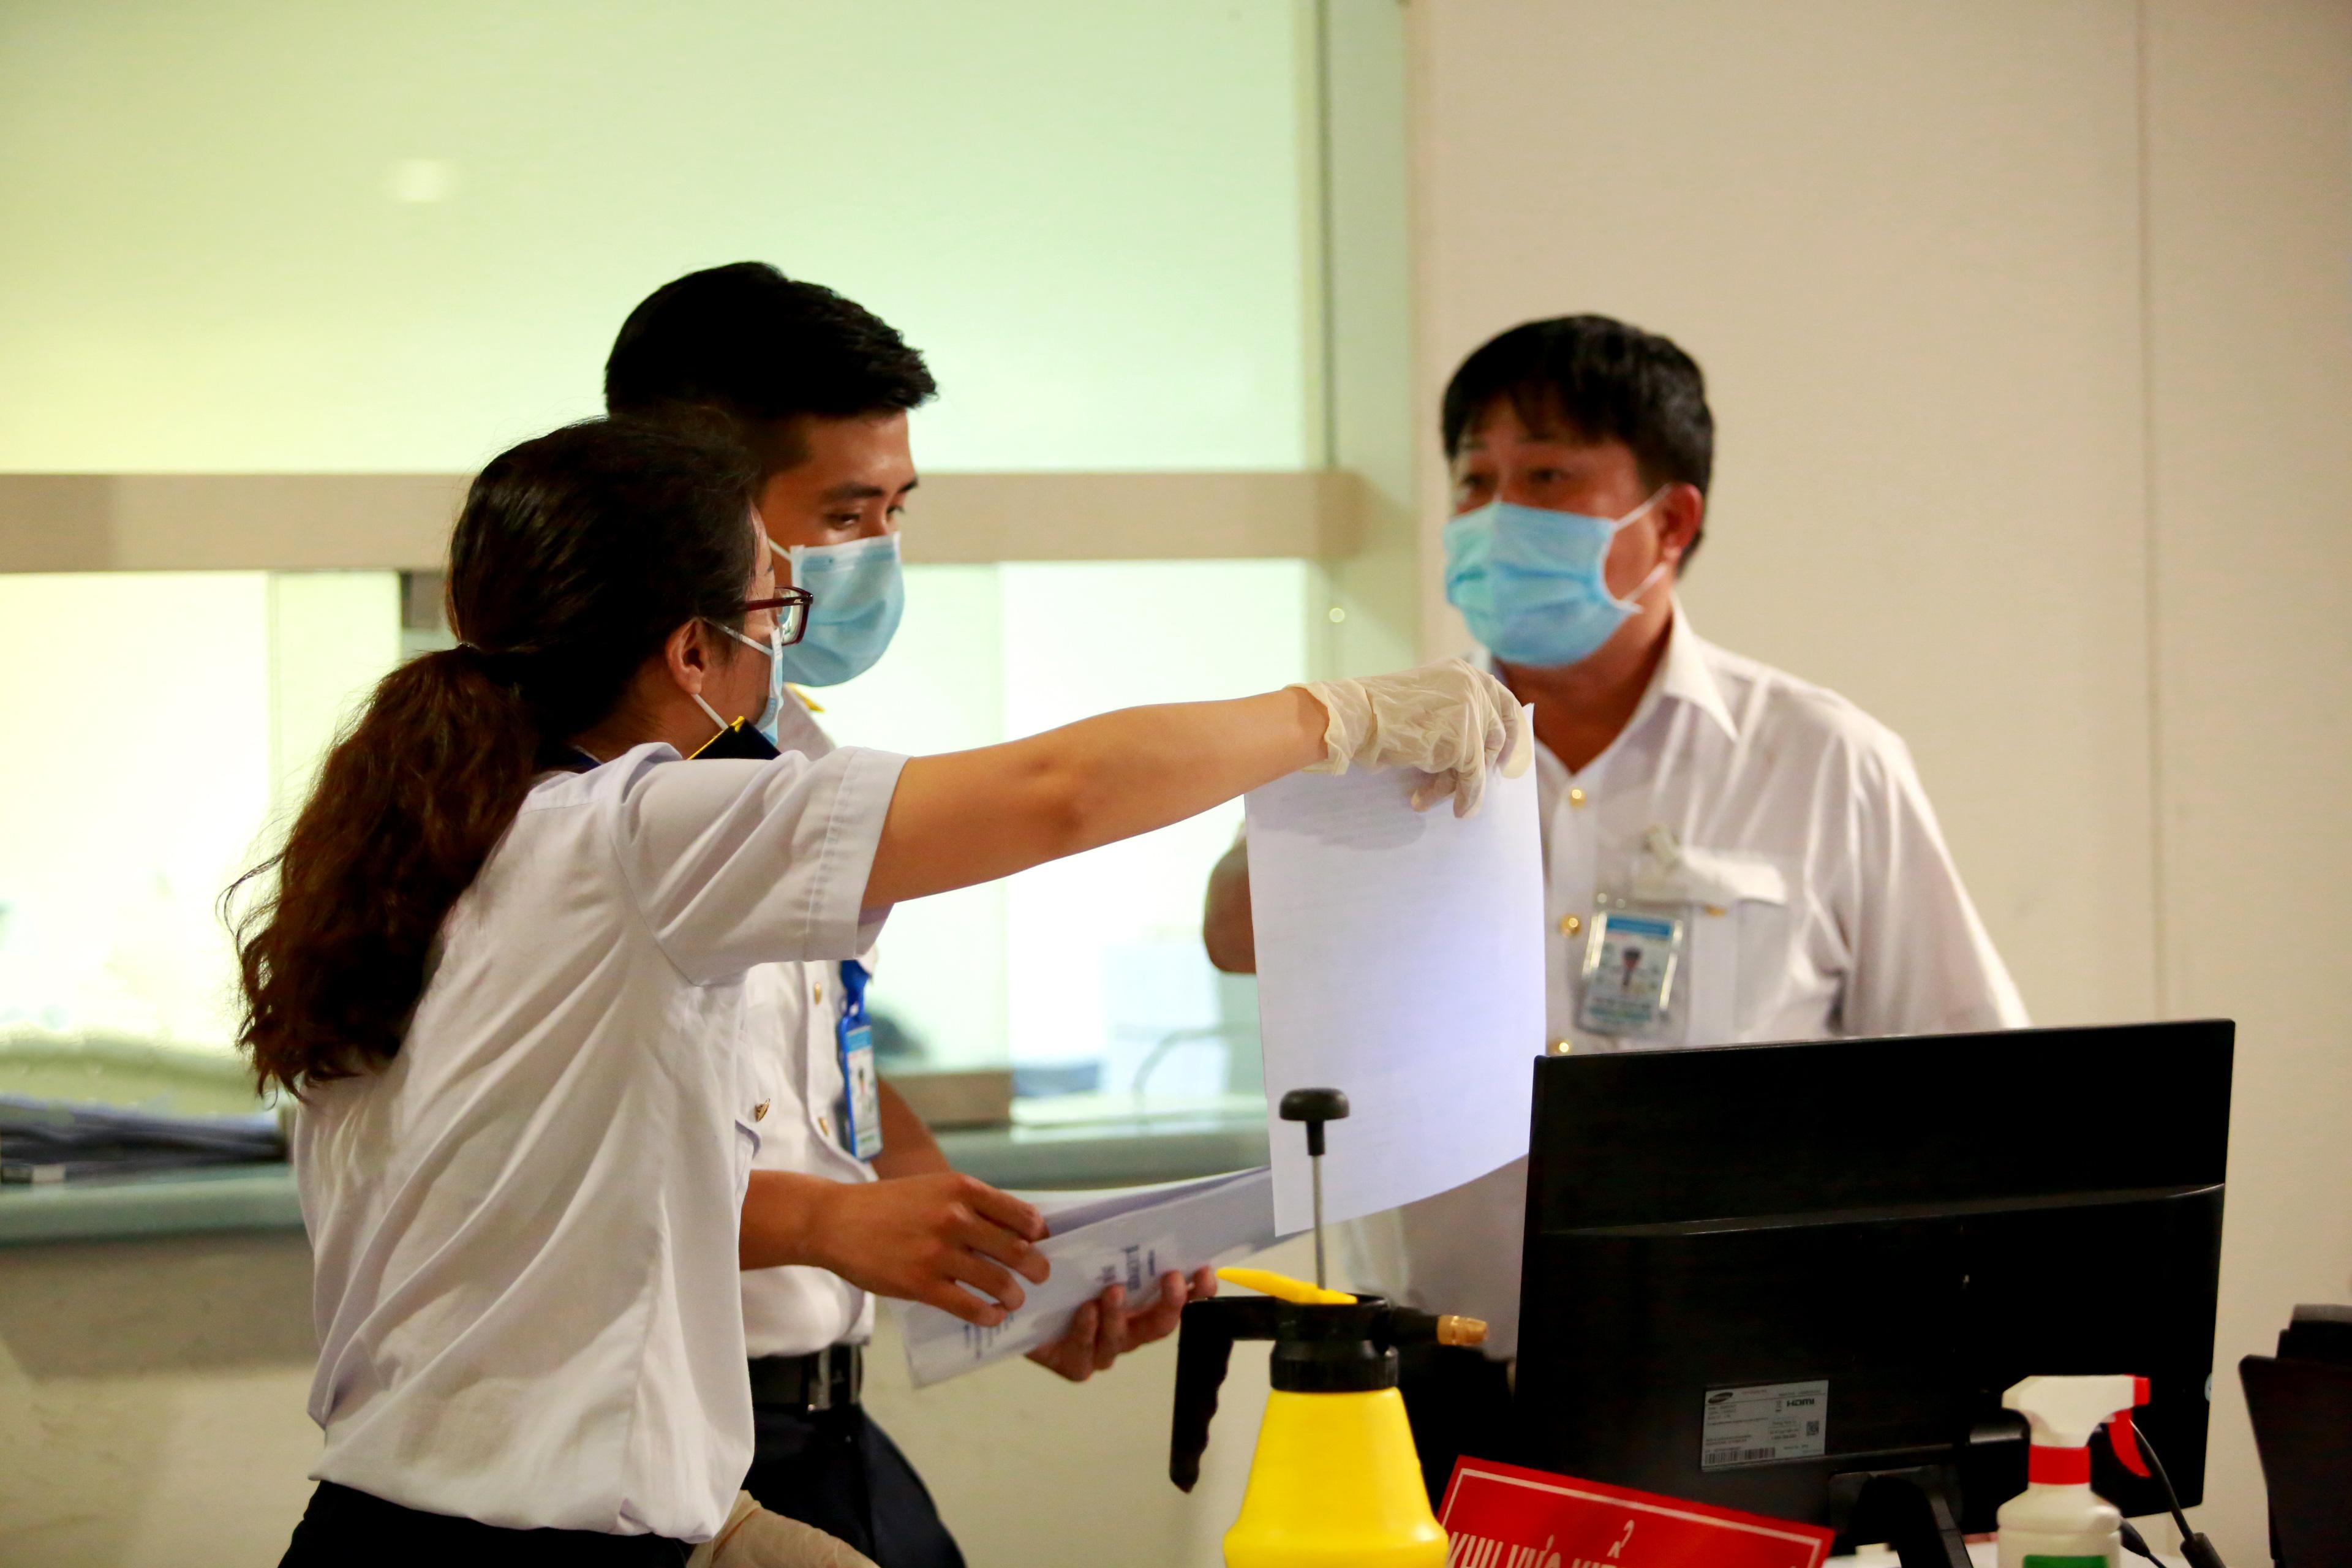 Trong chiều 26/2, lực lượng làm nhiệm vụ phát hiện 3 trường hợp có dấu hiệu sốt và lập tức được tách riêng, chuyển về Bệnh viện Nhiệt Đới TP.HCM cách ly và theo dõi.